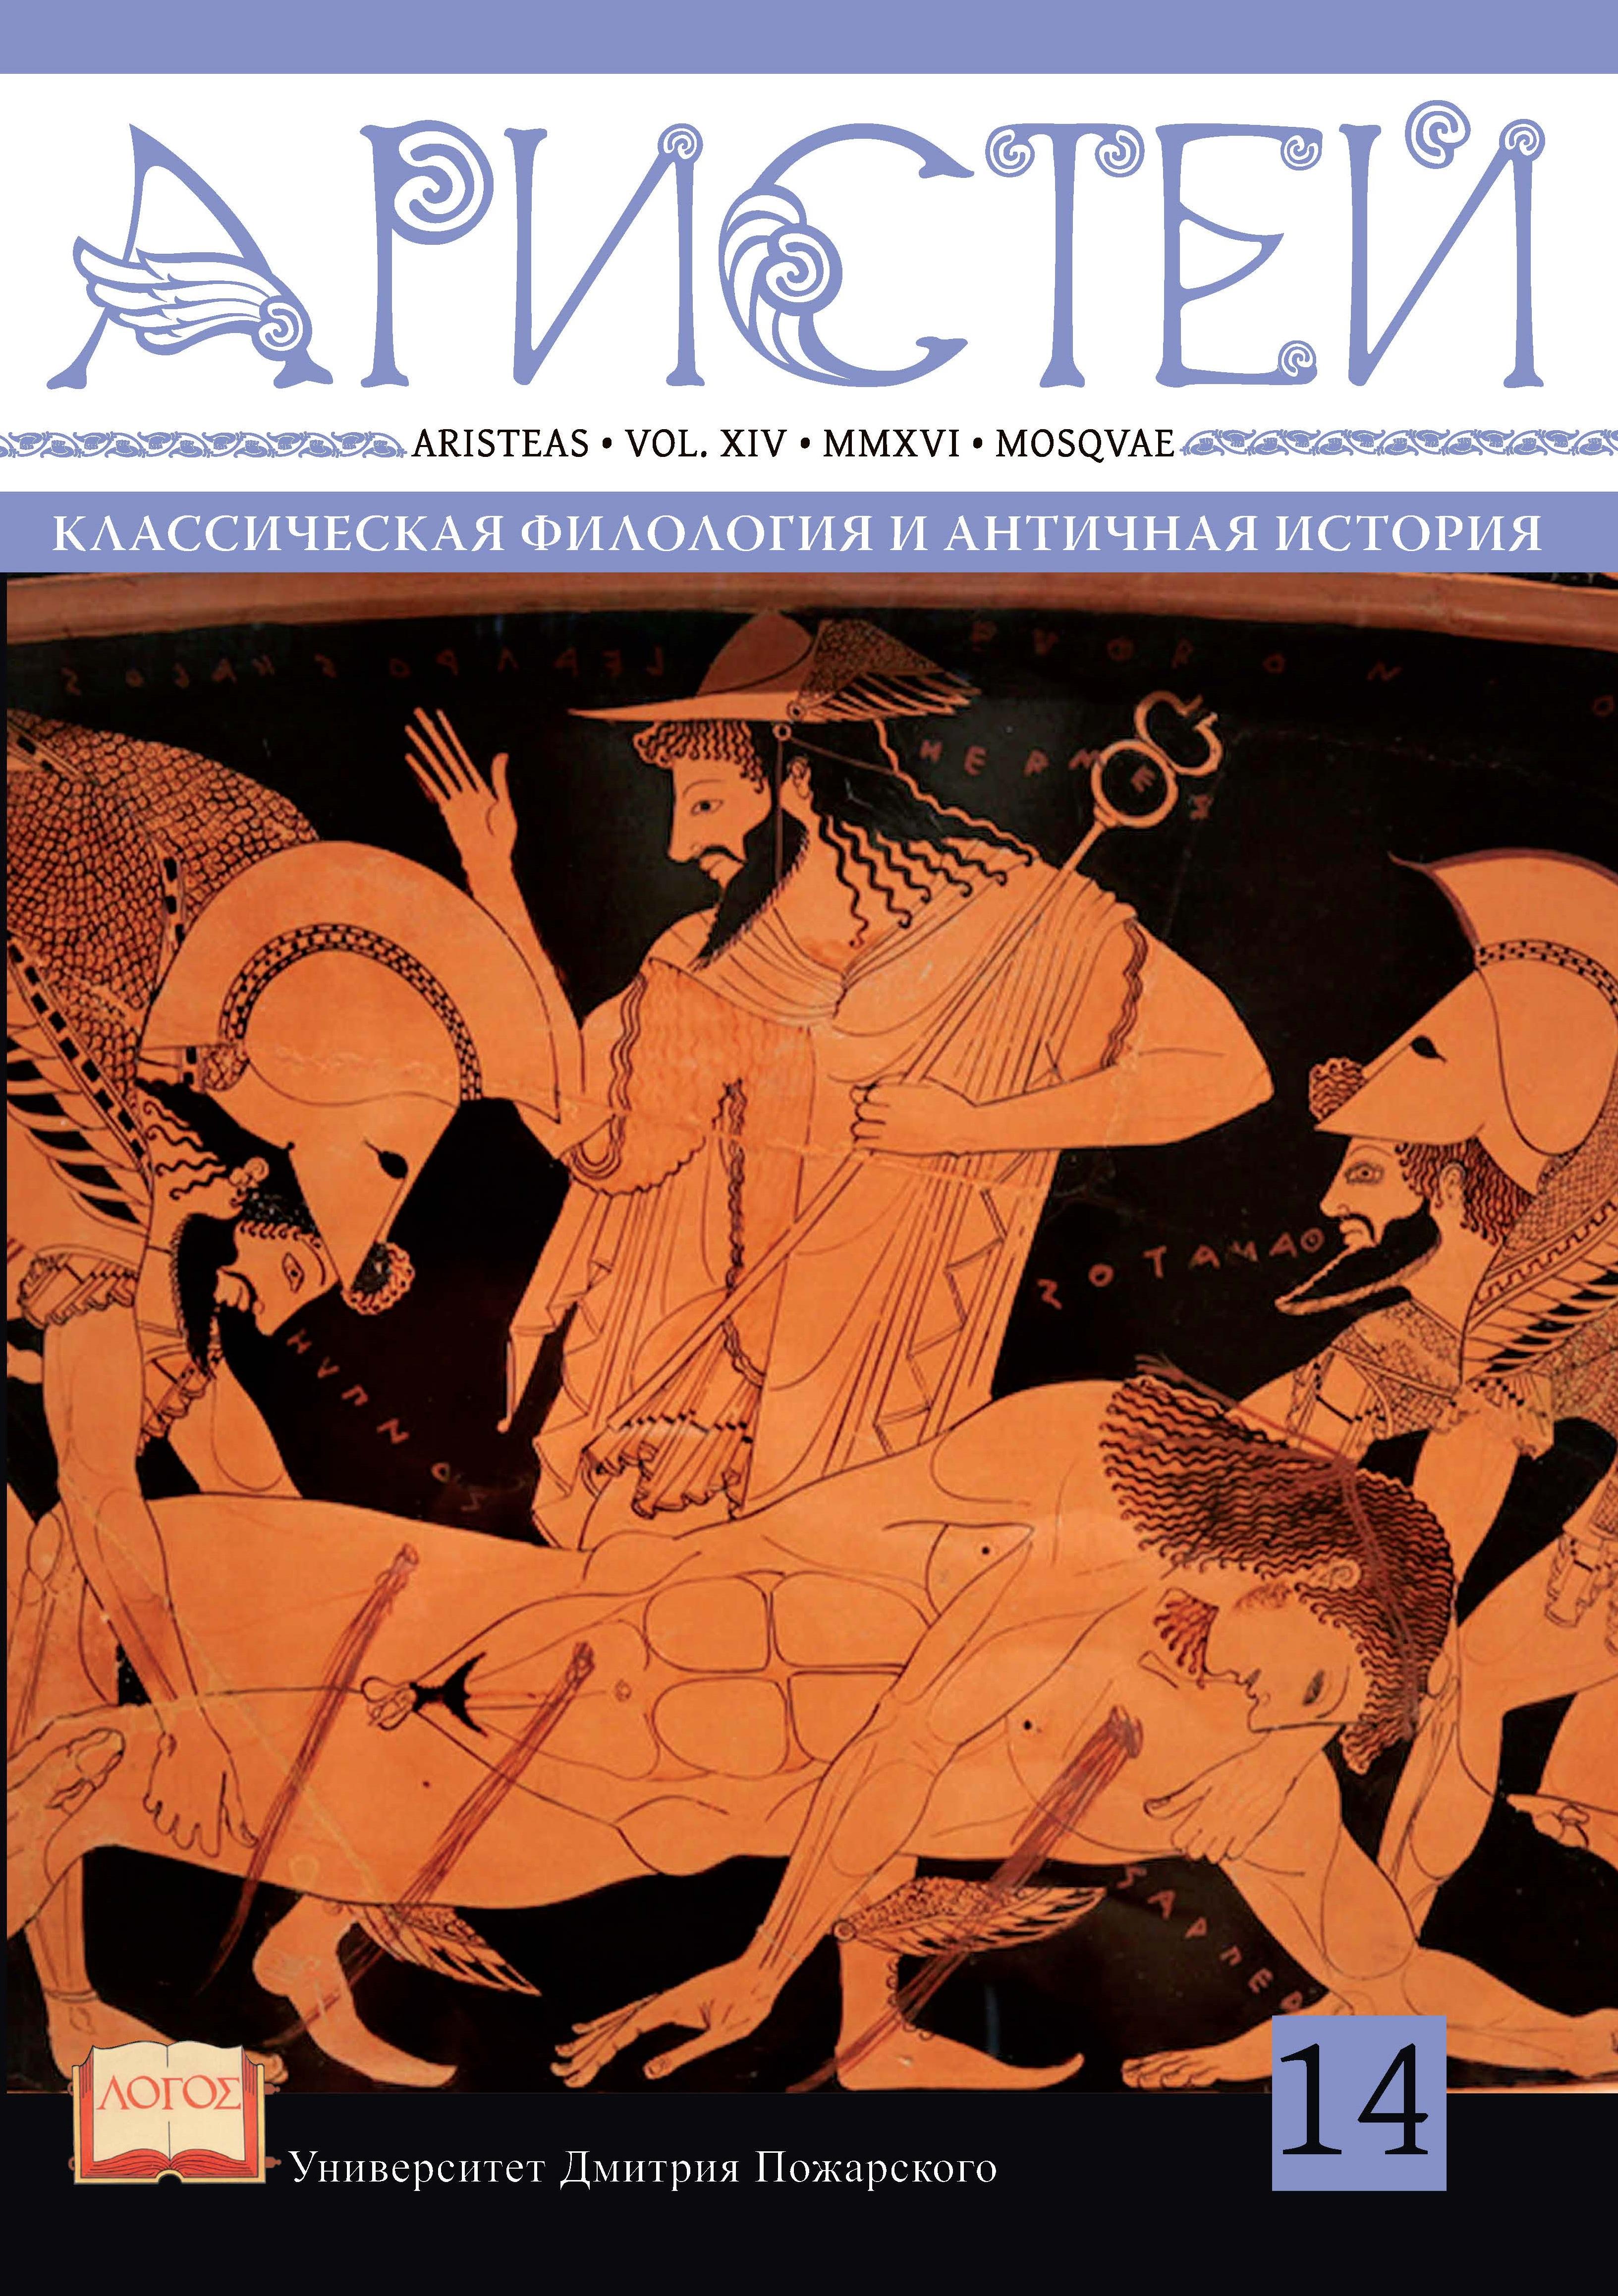 Журнал Аристей. Вестник классической филологии и античной истории. Том XIV. 2016